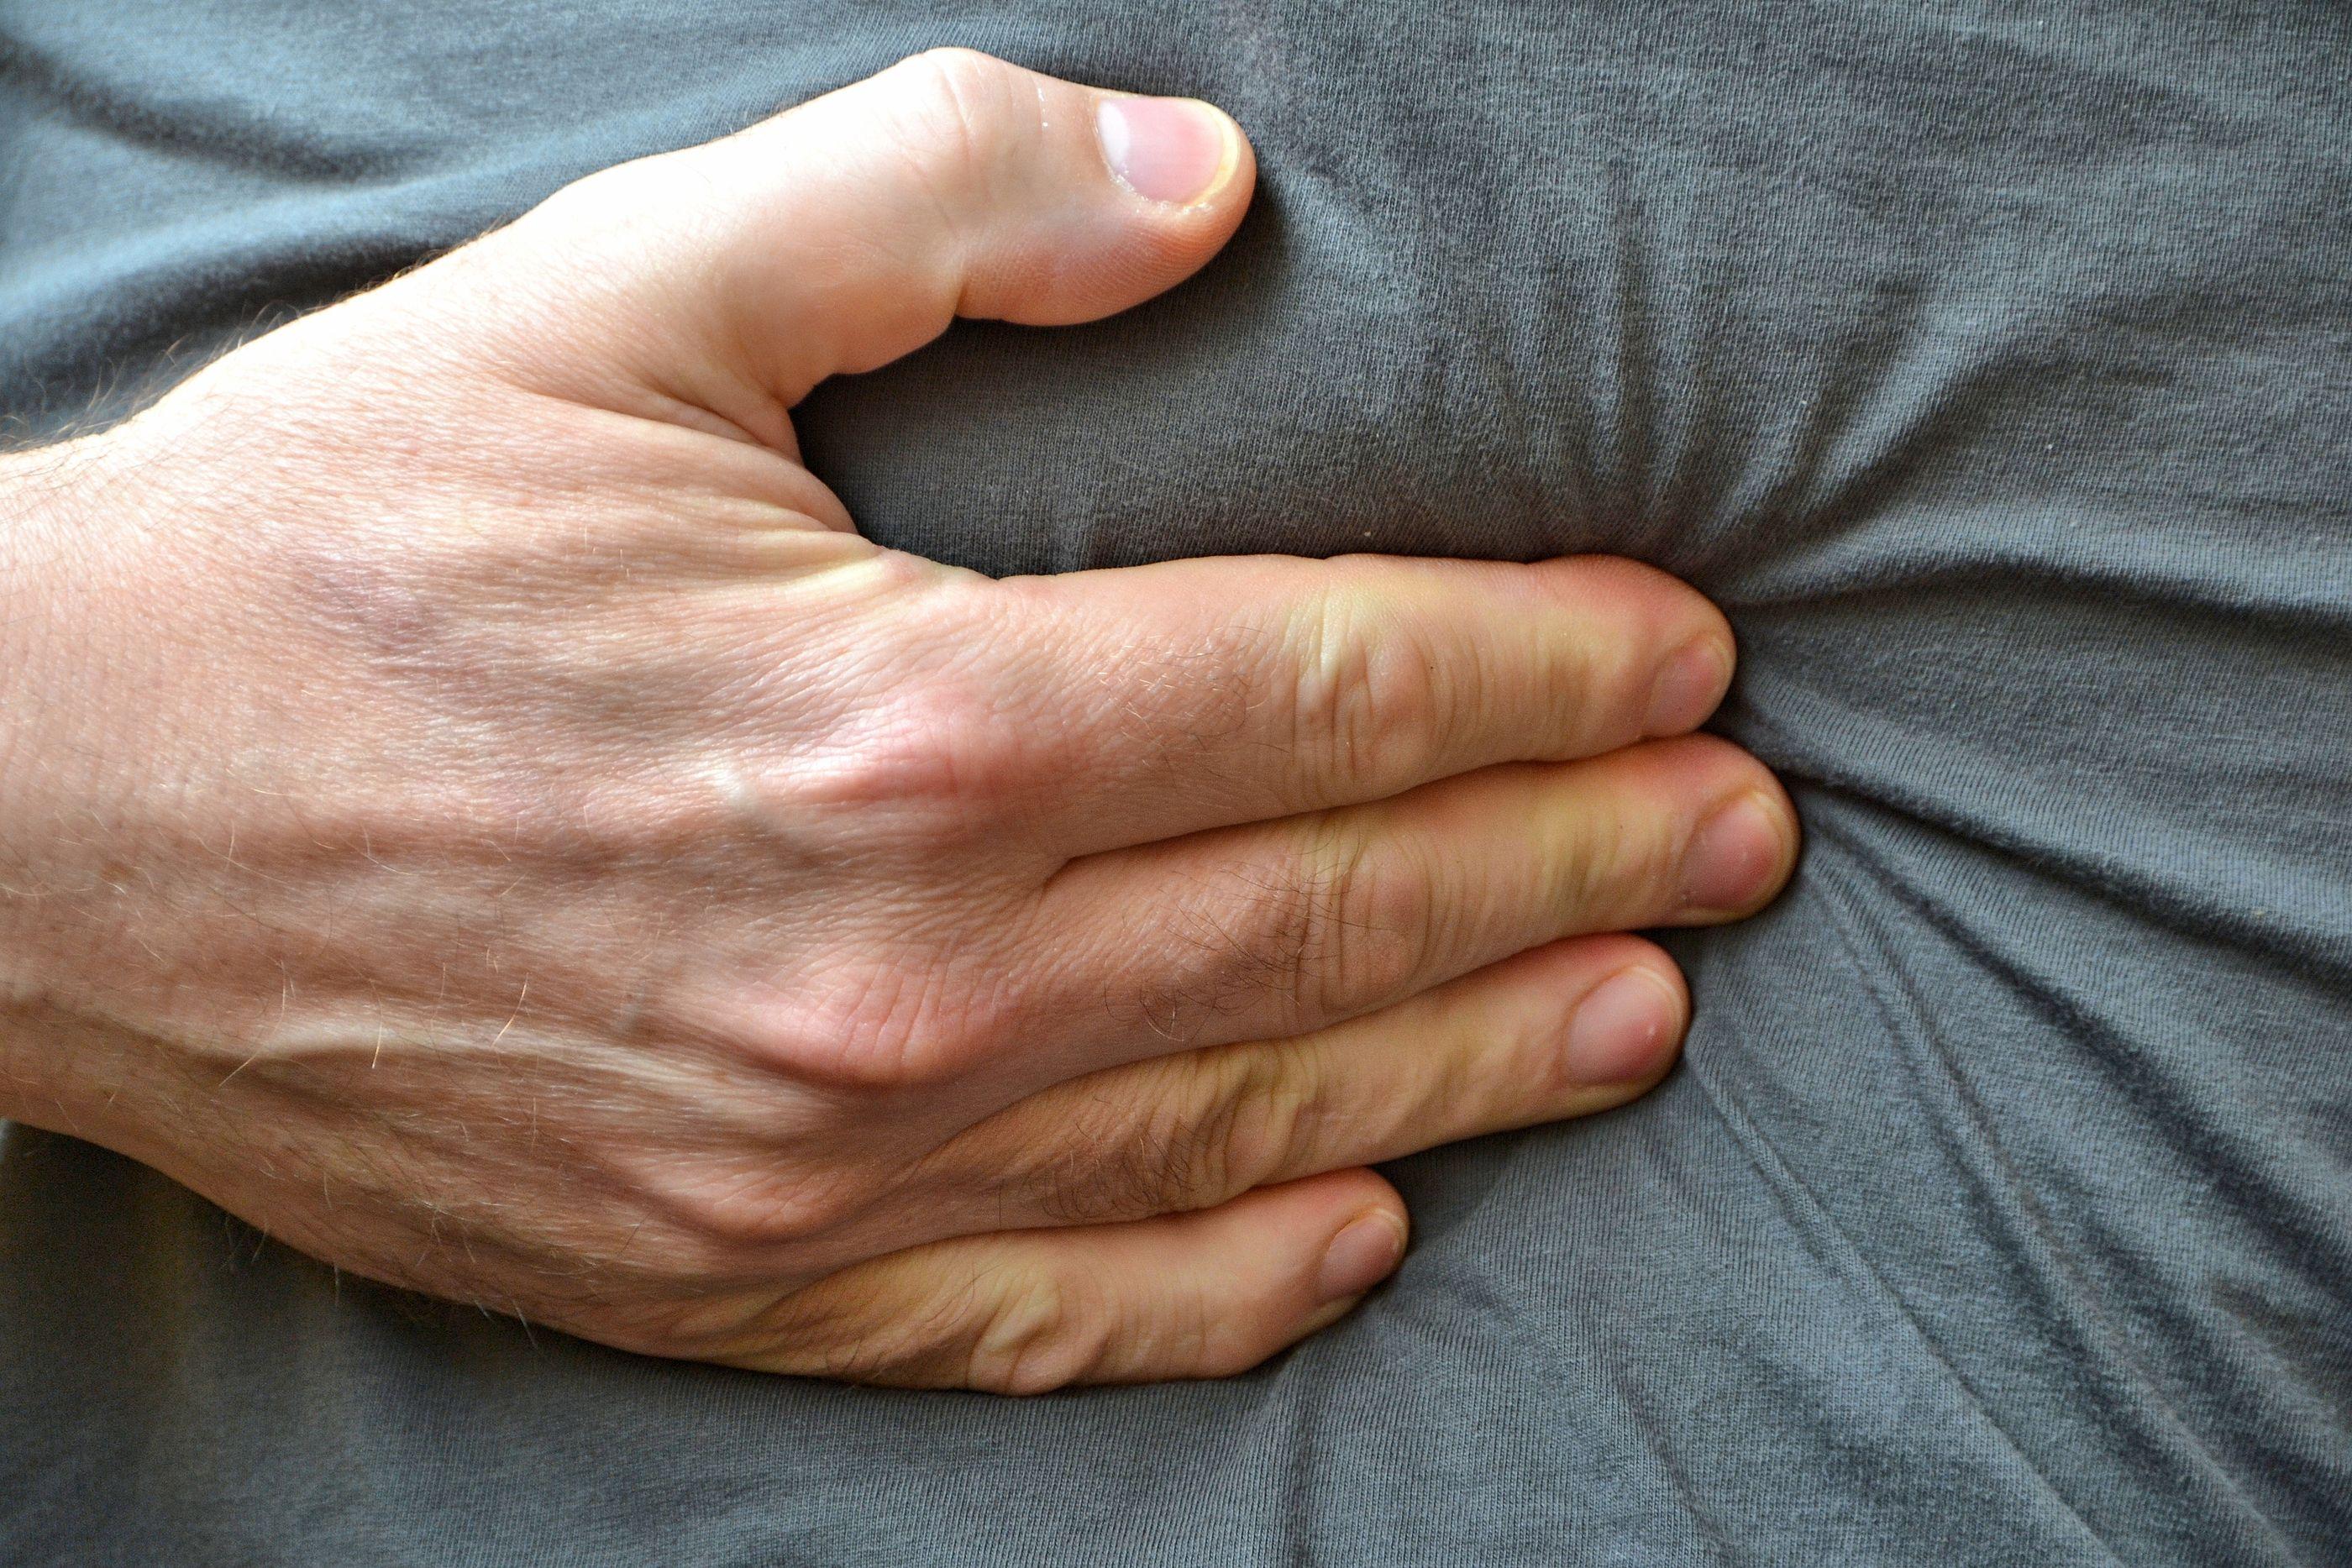 como saber si el dolor es de vesicula